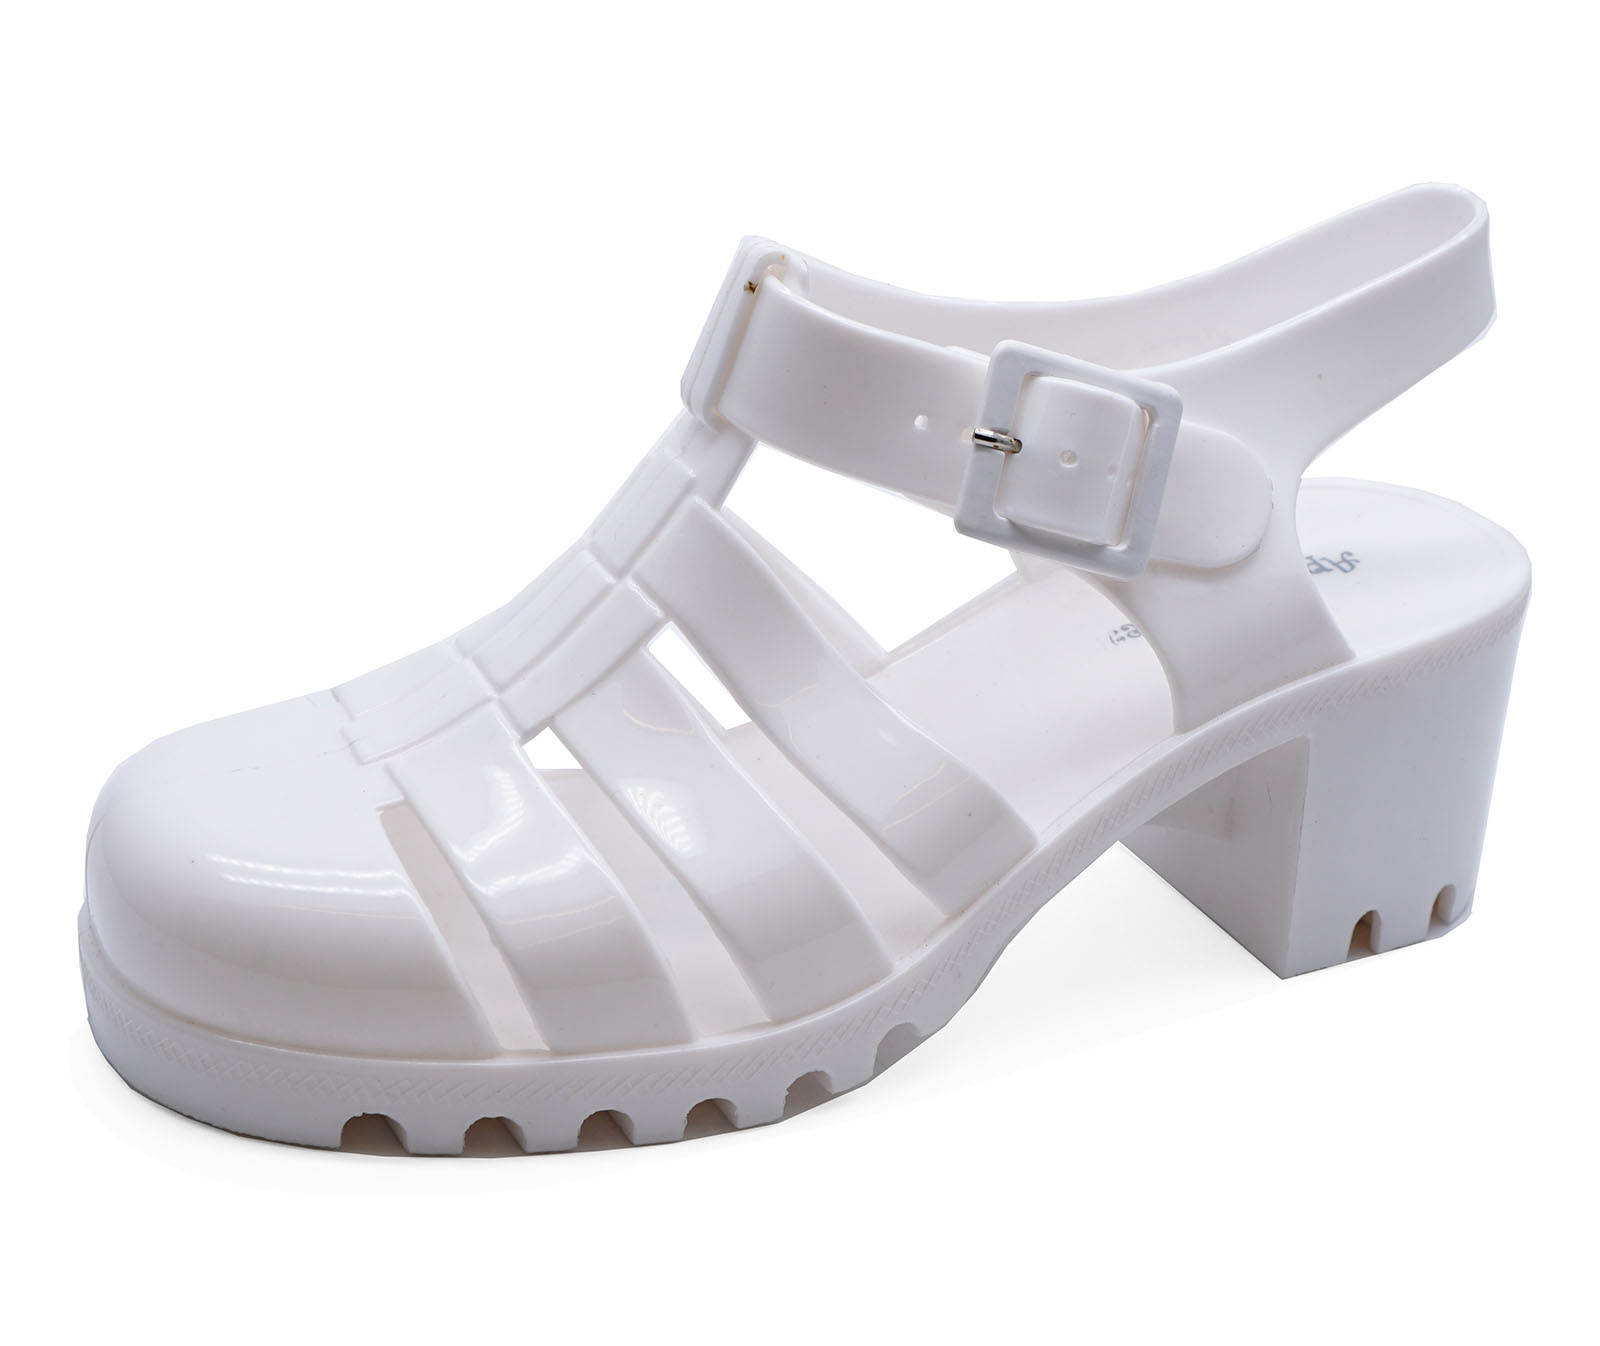 mujer de GEL Gladiador Retro Sandalias Festival Playa Vacaciones Zapatos UK 3-8